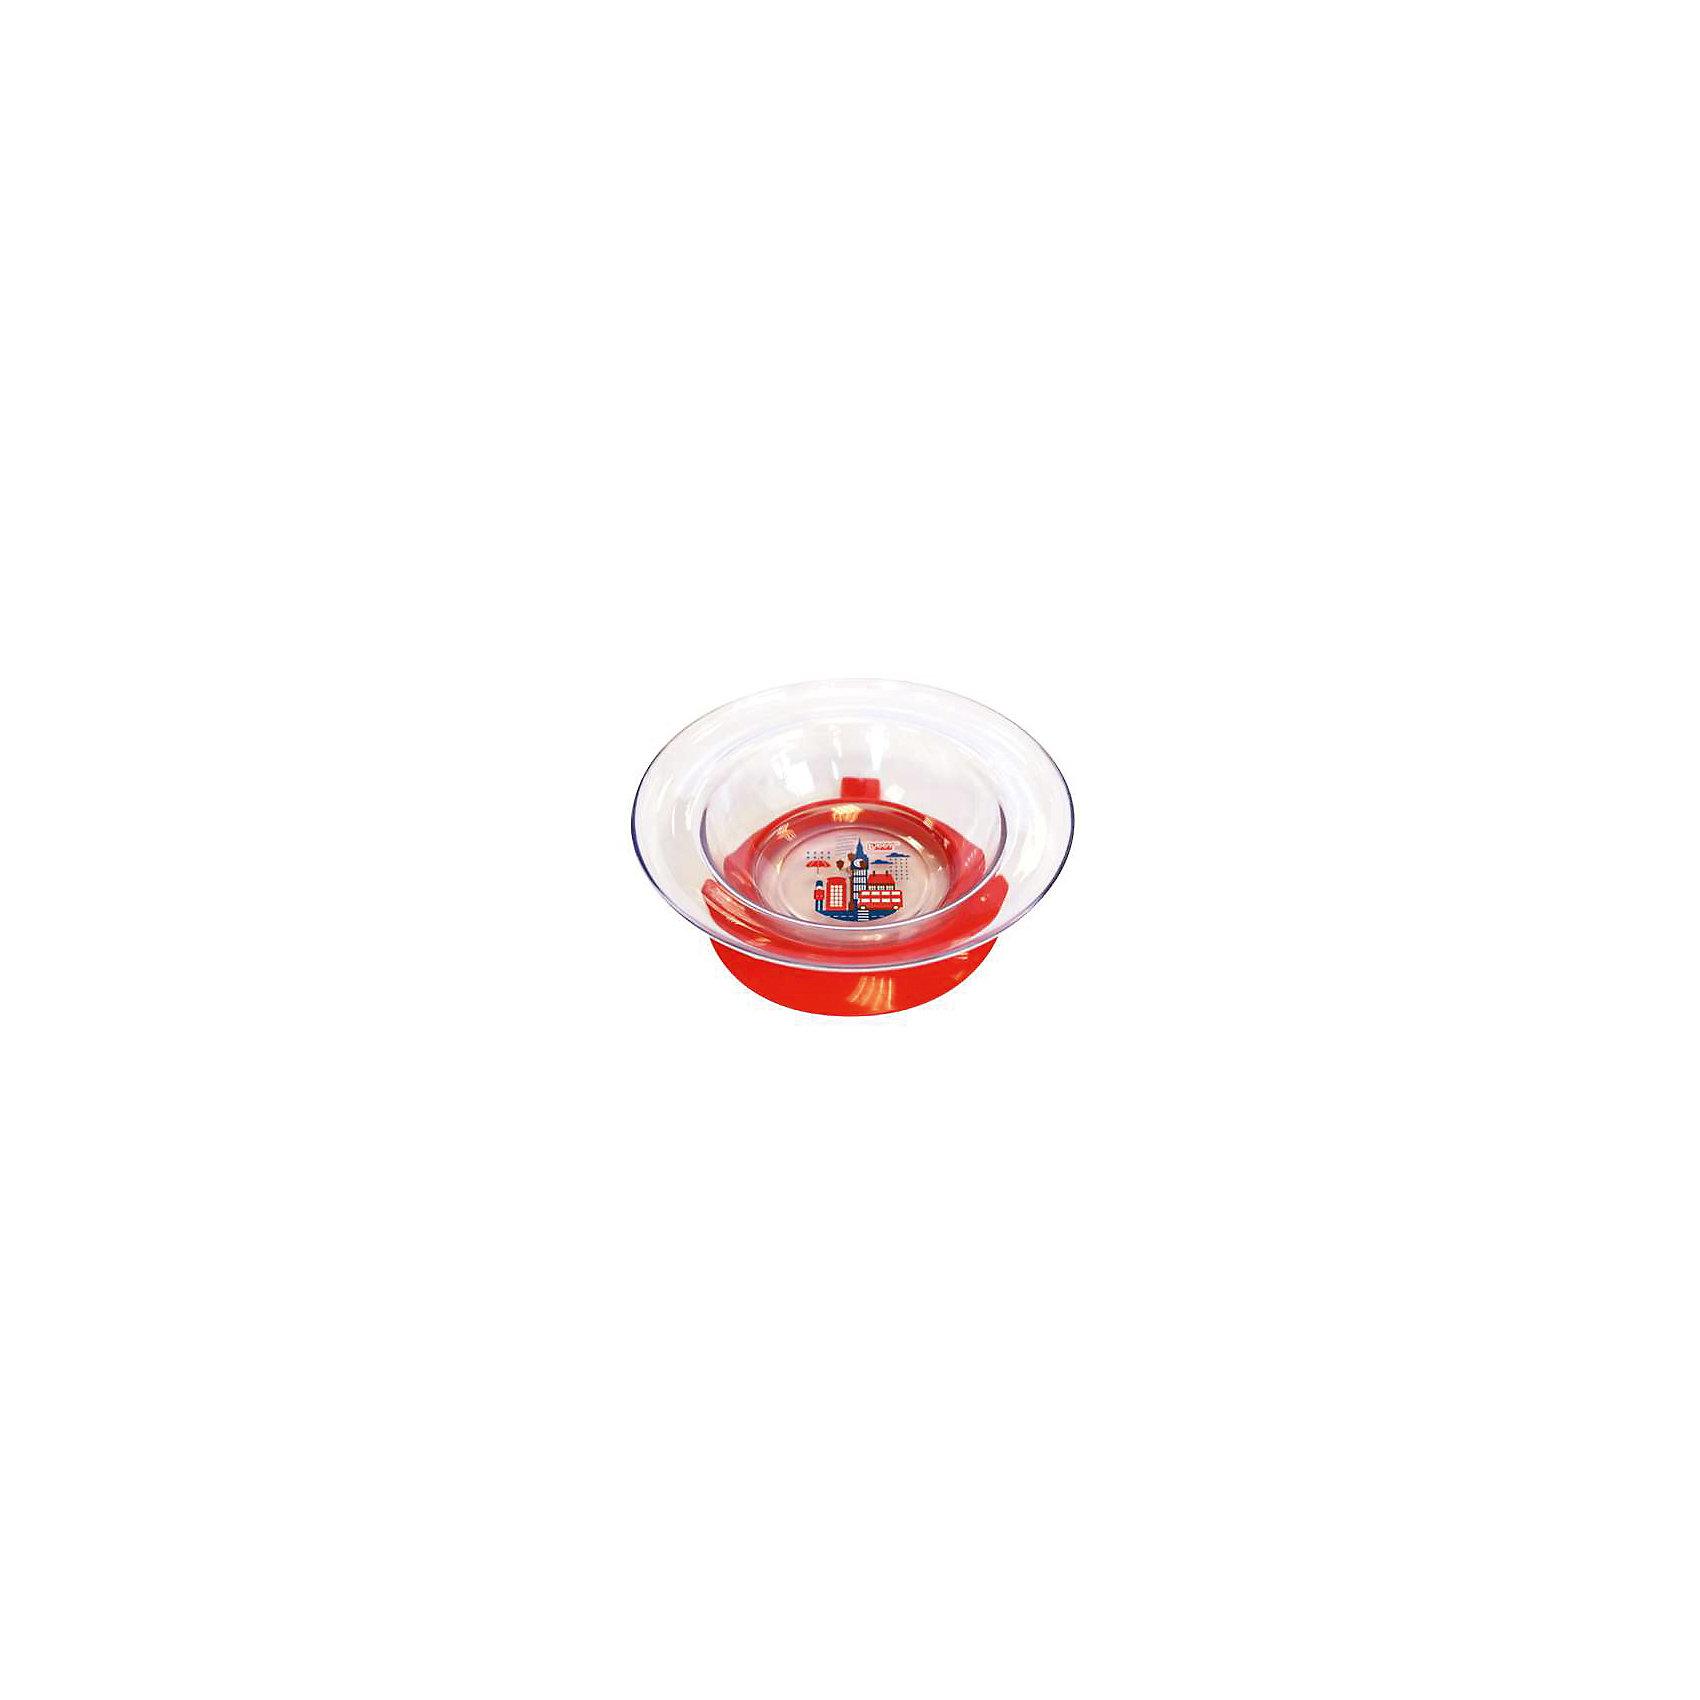 Тарелка Любимая от 6 мес. с присоской, LUBBY, красныйТарелка Любимая от 6 мес. с присоской, LUBBY, красный.<br><br>Характеристики:<br><br>- Объем: 300 мл.<br>- Цвет: красный<br>- Материал: стиролакрилонитрил<br>- Не содержит бисфенол-А<br>- Упаковка: пакет+хедер<br>- Размер упаковки: 5,5x19x26 см.<br>- Срок службы: 1 год<br>- Уход: Перед первым использованием и после каждого применения мойте изделие в теплой воде с мылом, отделив все части тарелки. Можно мыть в посудомоечной машине (предварительно сняв присоску)<br><br>Тарелка для кормления «Любимая» незаменима в период, когда Ваш малыш учится, есть самостоятельно. Присоска препятствует свободному перемещению тарелки по столу. Благодаря высоким бортикам тарелки, пища будет дольше оставаться теплой. Стильный дизайн тарелки с изображением Лондона понравится мамам и малышам, и превратит процесс кормления в увлекательную игру.<br><br>Тарелку Любимая от 6 мес. с присоской, LUBBY, красную можно купить в нашем интернет-магазине.<br><br>Ширина мм: 55<br>Глубина мм: 190<br>Высота мм: 260<br>Вес г: 350<br>Возраст от месяцев: 6<br>Возраст до месяцев: 36<br>Пол: Унисекс<br>Возраст: Детский<br>SKU: 5039290